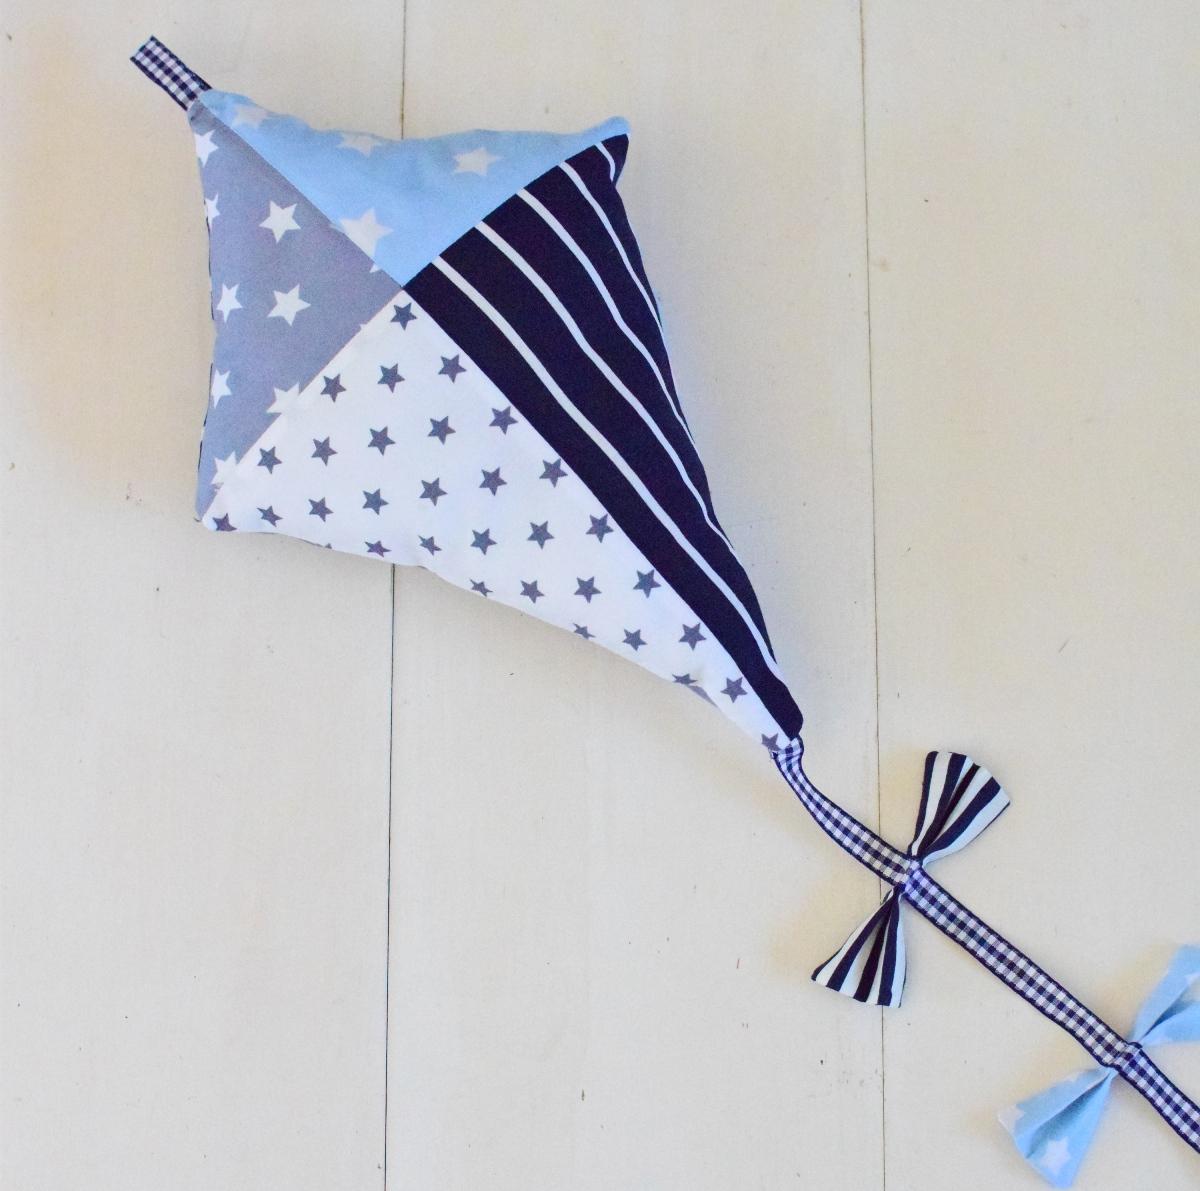 vlieger blauw grijs 2